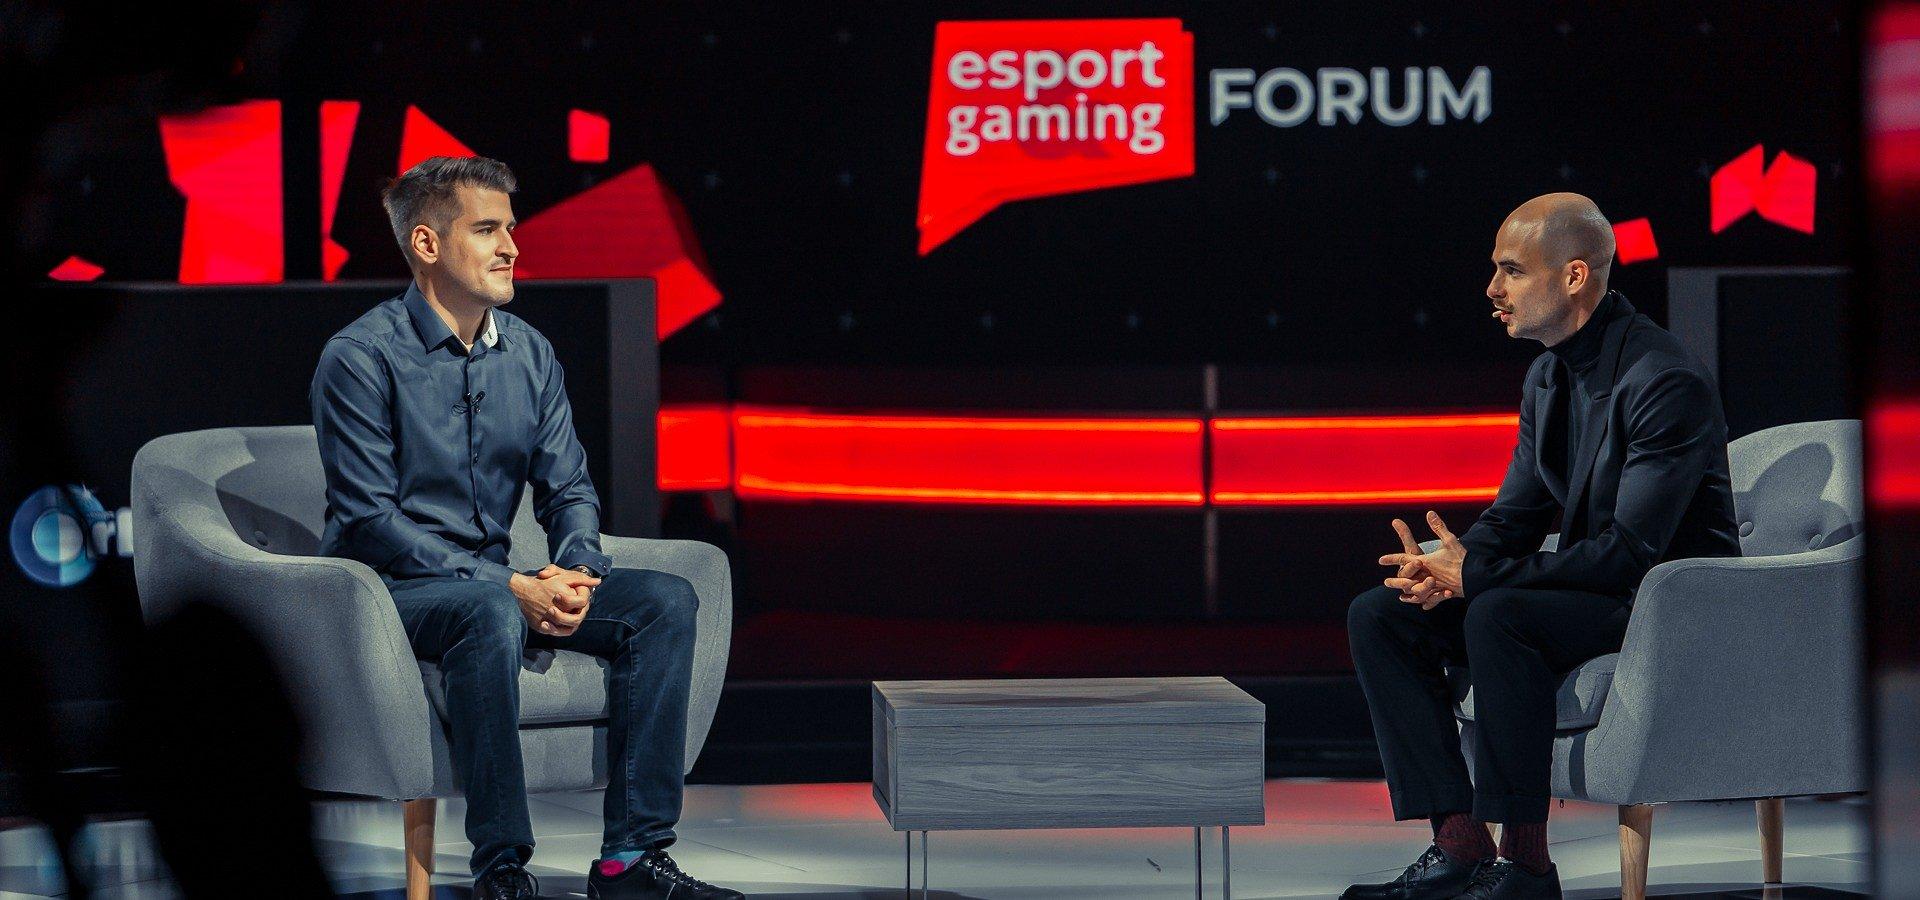 O kondycji esportu i gamingu w Polsce. Za nami największa konferencja poświęcona cyfrowej rozrywce